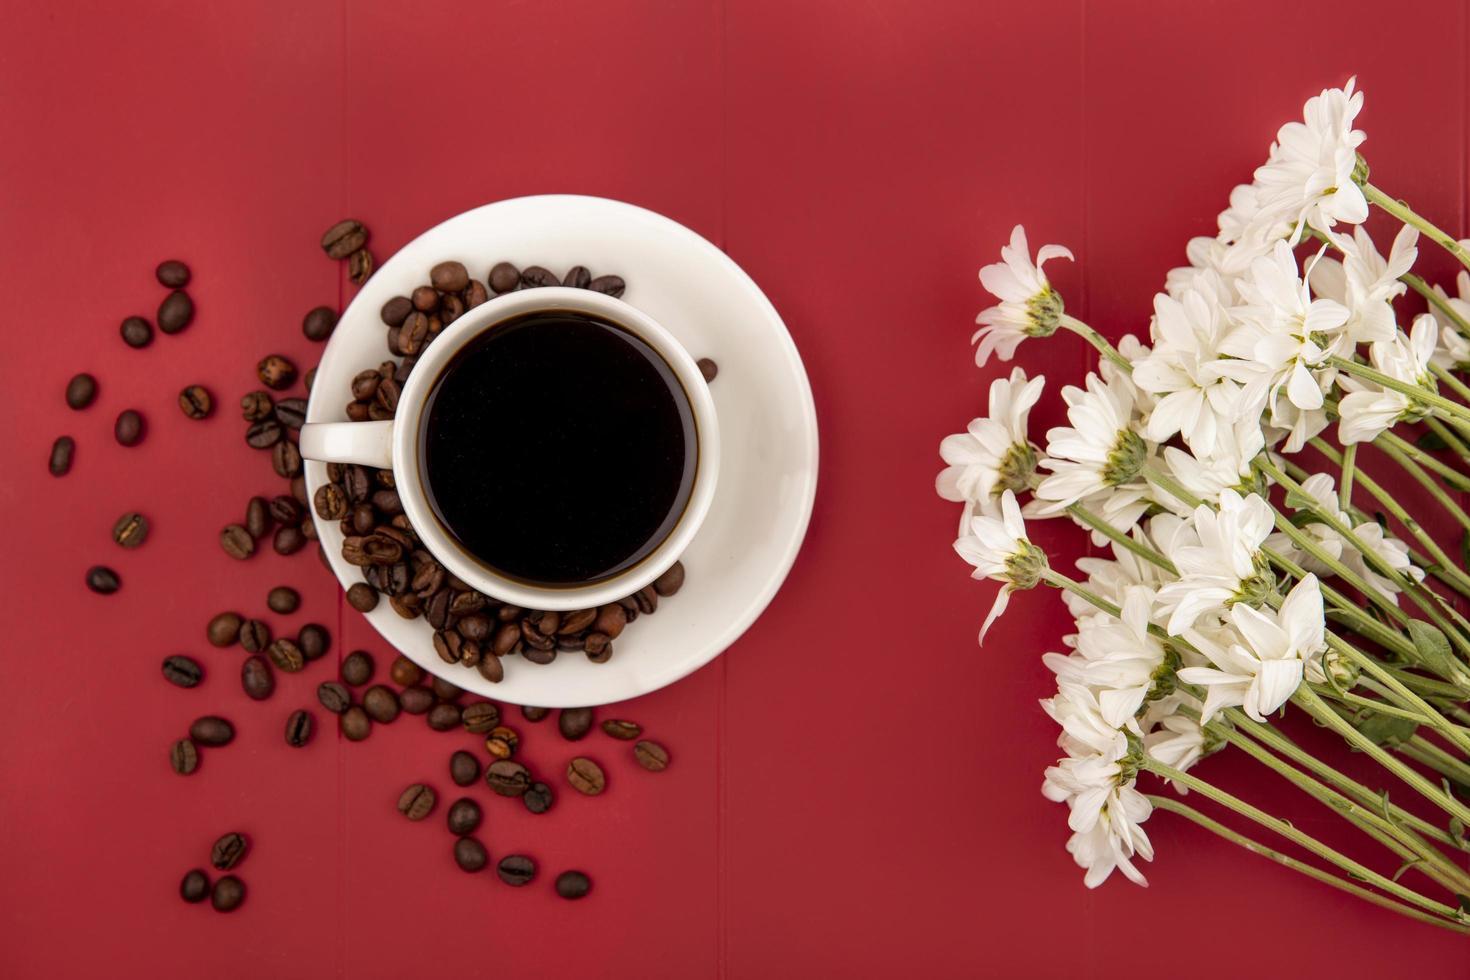 bovenaanzicht van koffie op een witte kop met koffiebonen op een rode achtergrond foto